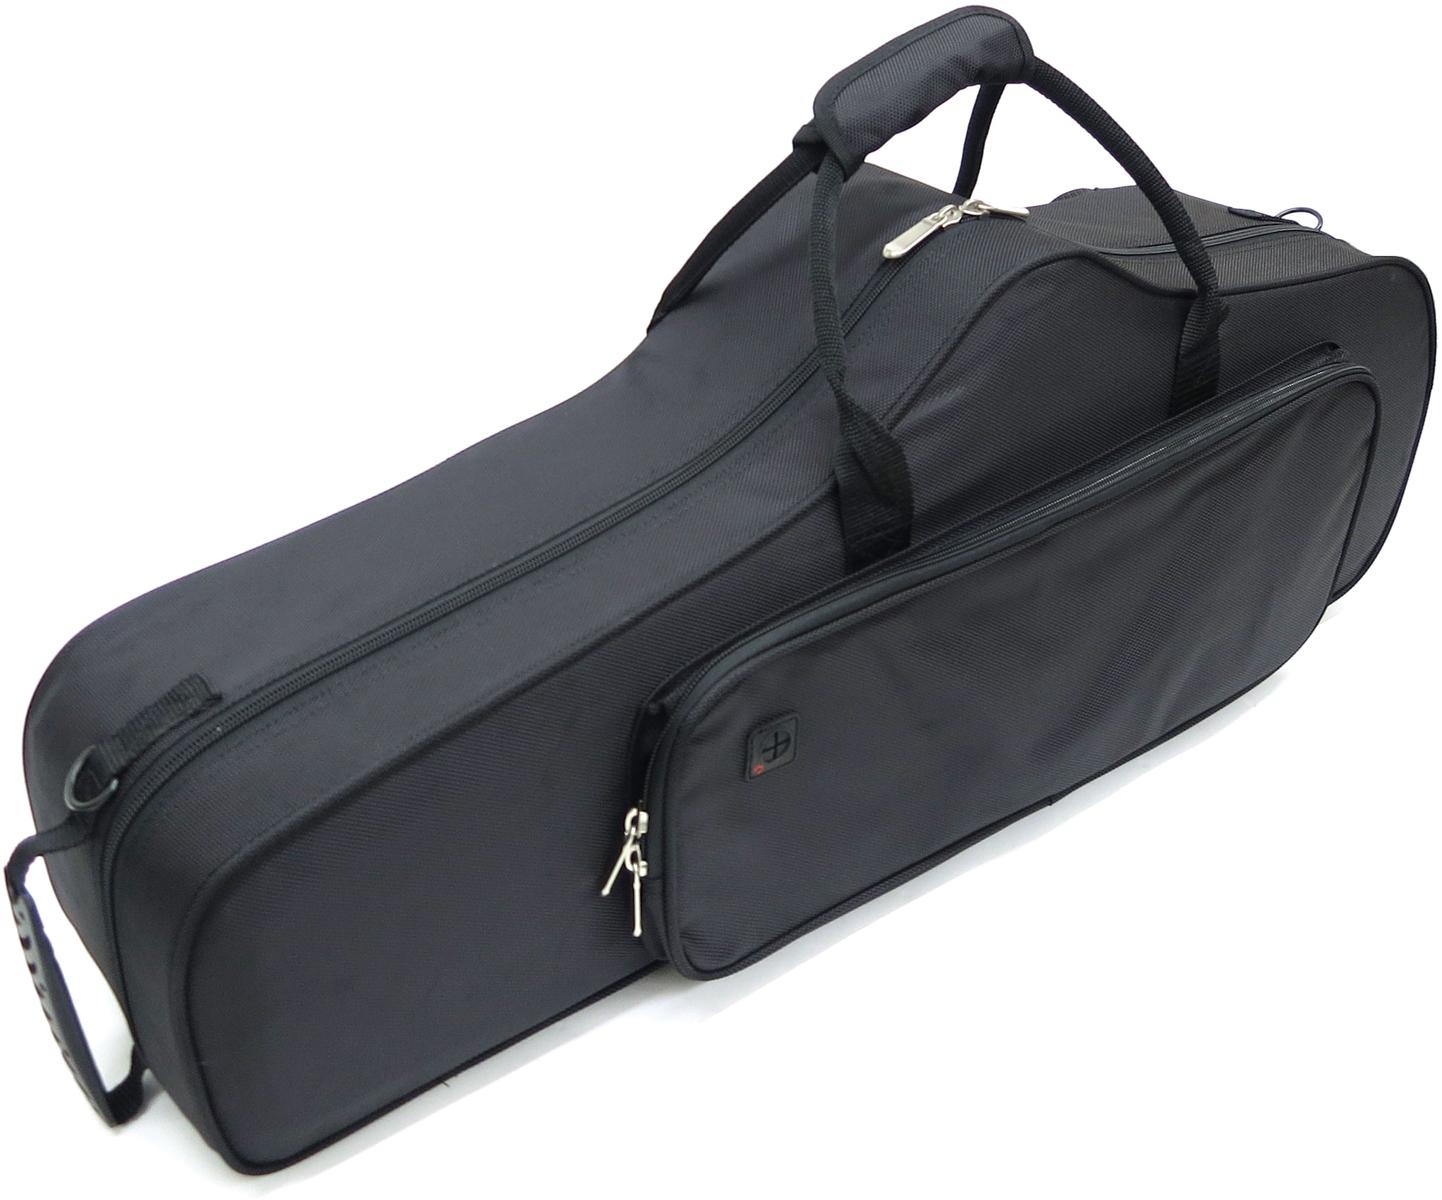 テナーサクソフォン用ケース bag black 黒色 軽量 テナー用 箱ボロ 2020新作 テナーサックス用 セミハードケース リュックタイプ テナーサックスケース 沖縄 北海道 激安 同梱不可 代引き tenor セット 離島 TNC case saxophone A